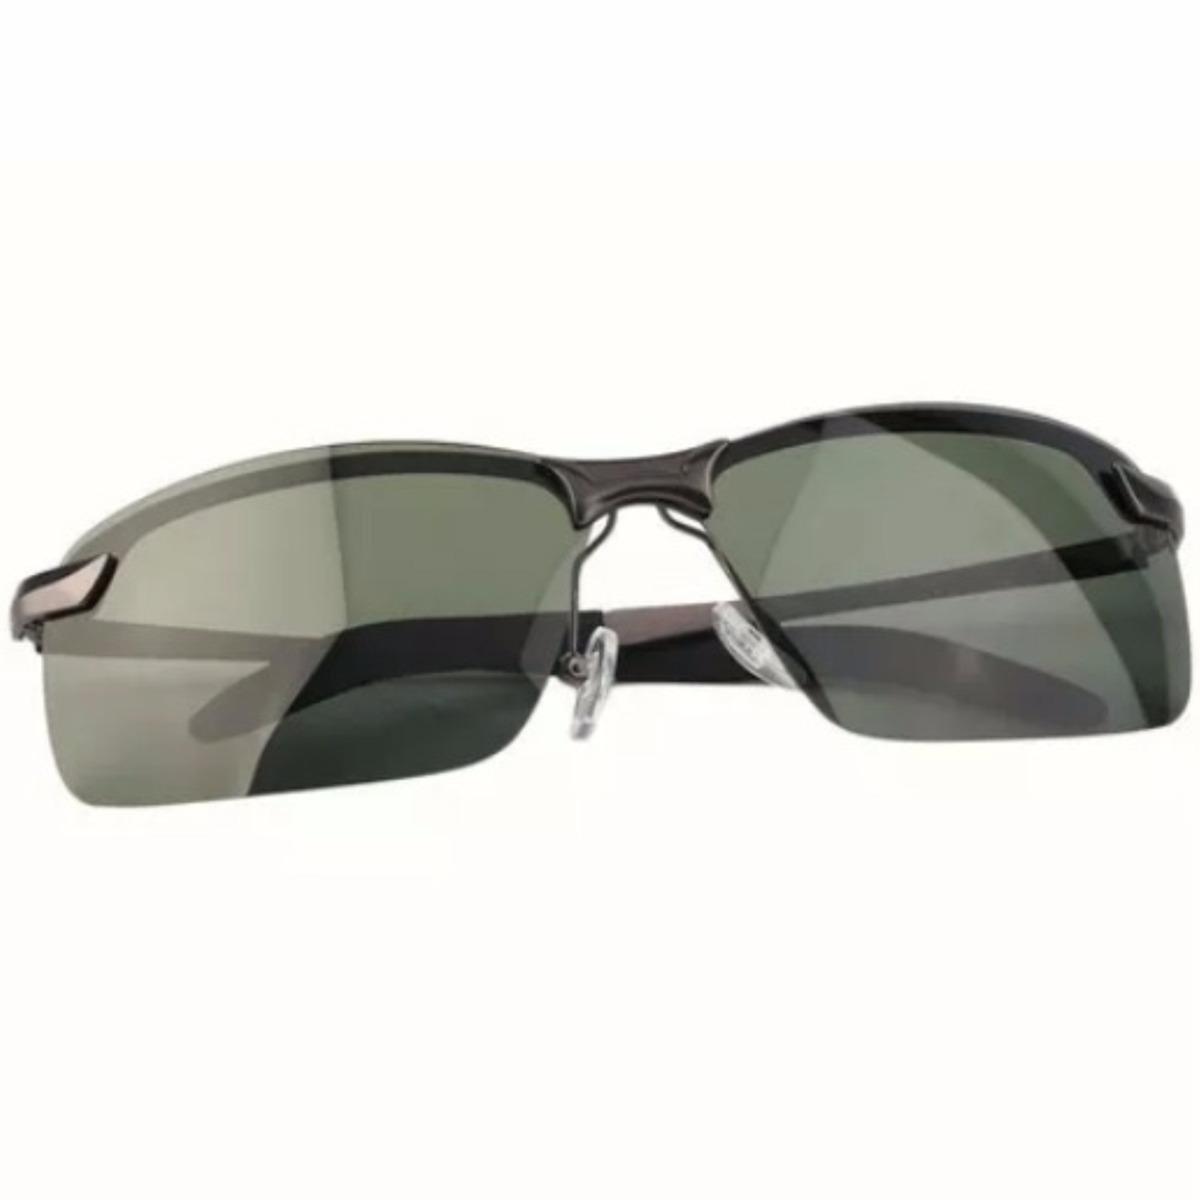 5b75870b539d7 óculos de sol luxo armação de metal cinza lentes polarizadas. Carregando  zoom.